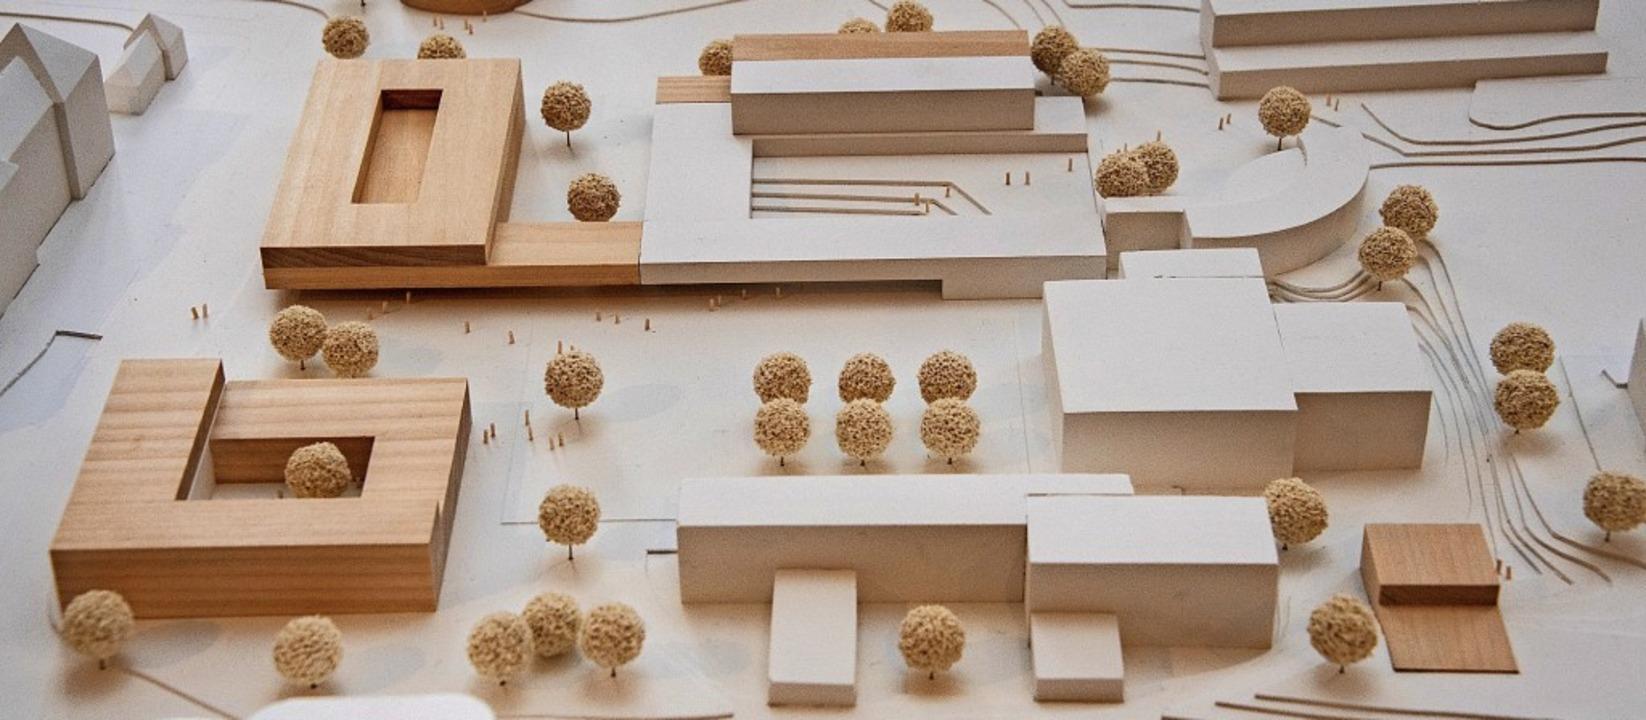 Der Siegerentwurf des Ideenwettbewerbs... im dunkleren Holzfarbton dargestellt.  | Foto: Volker Münch